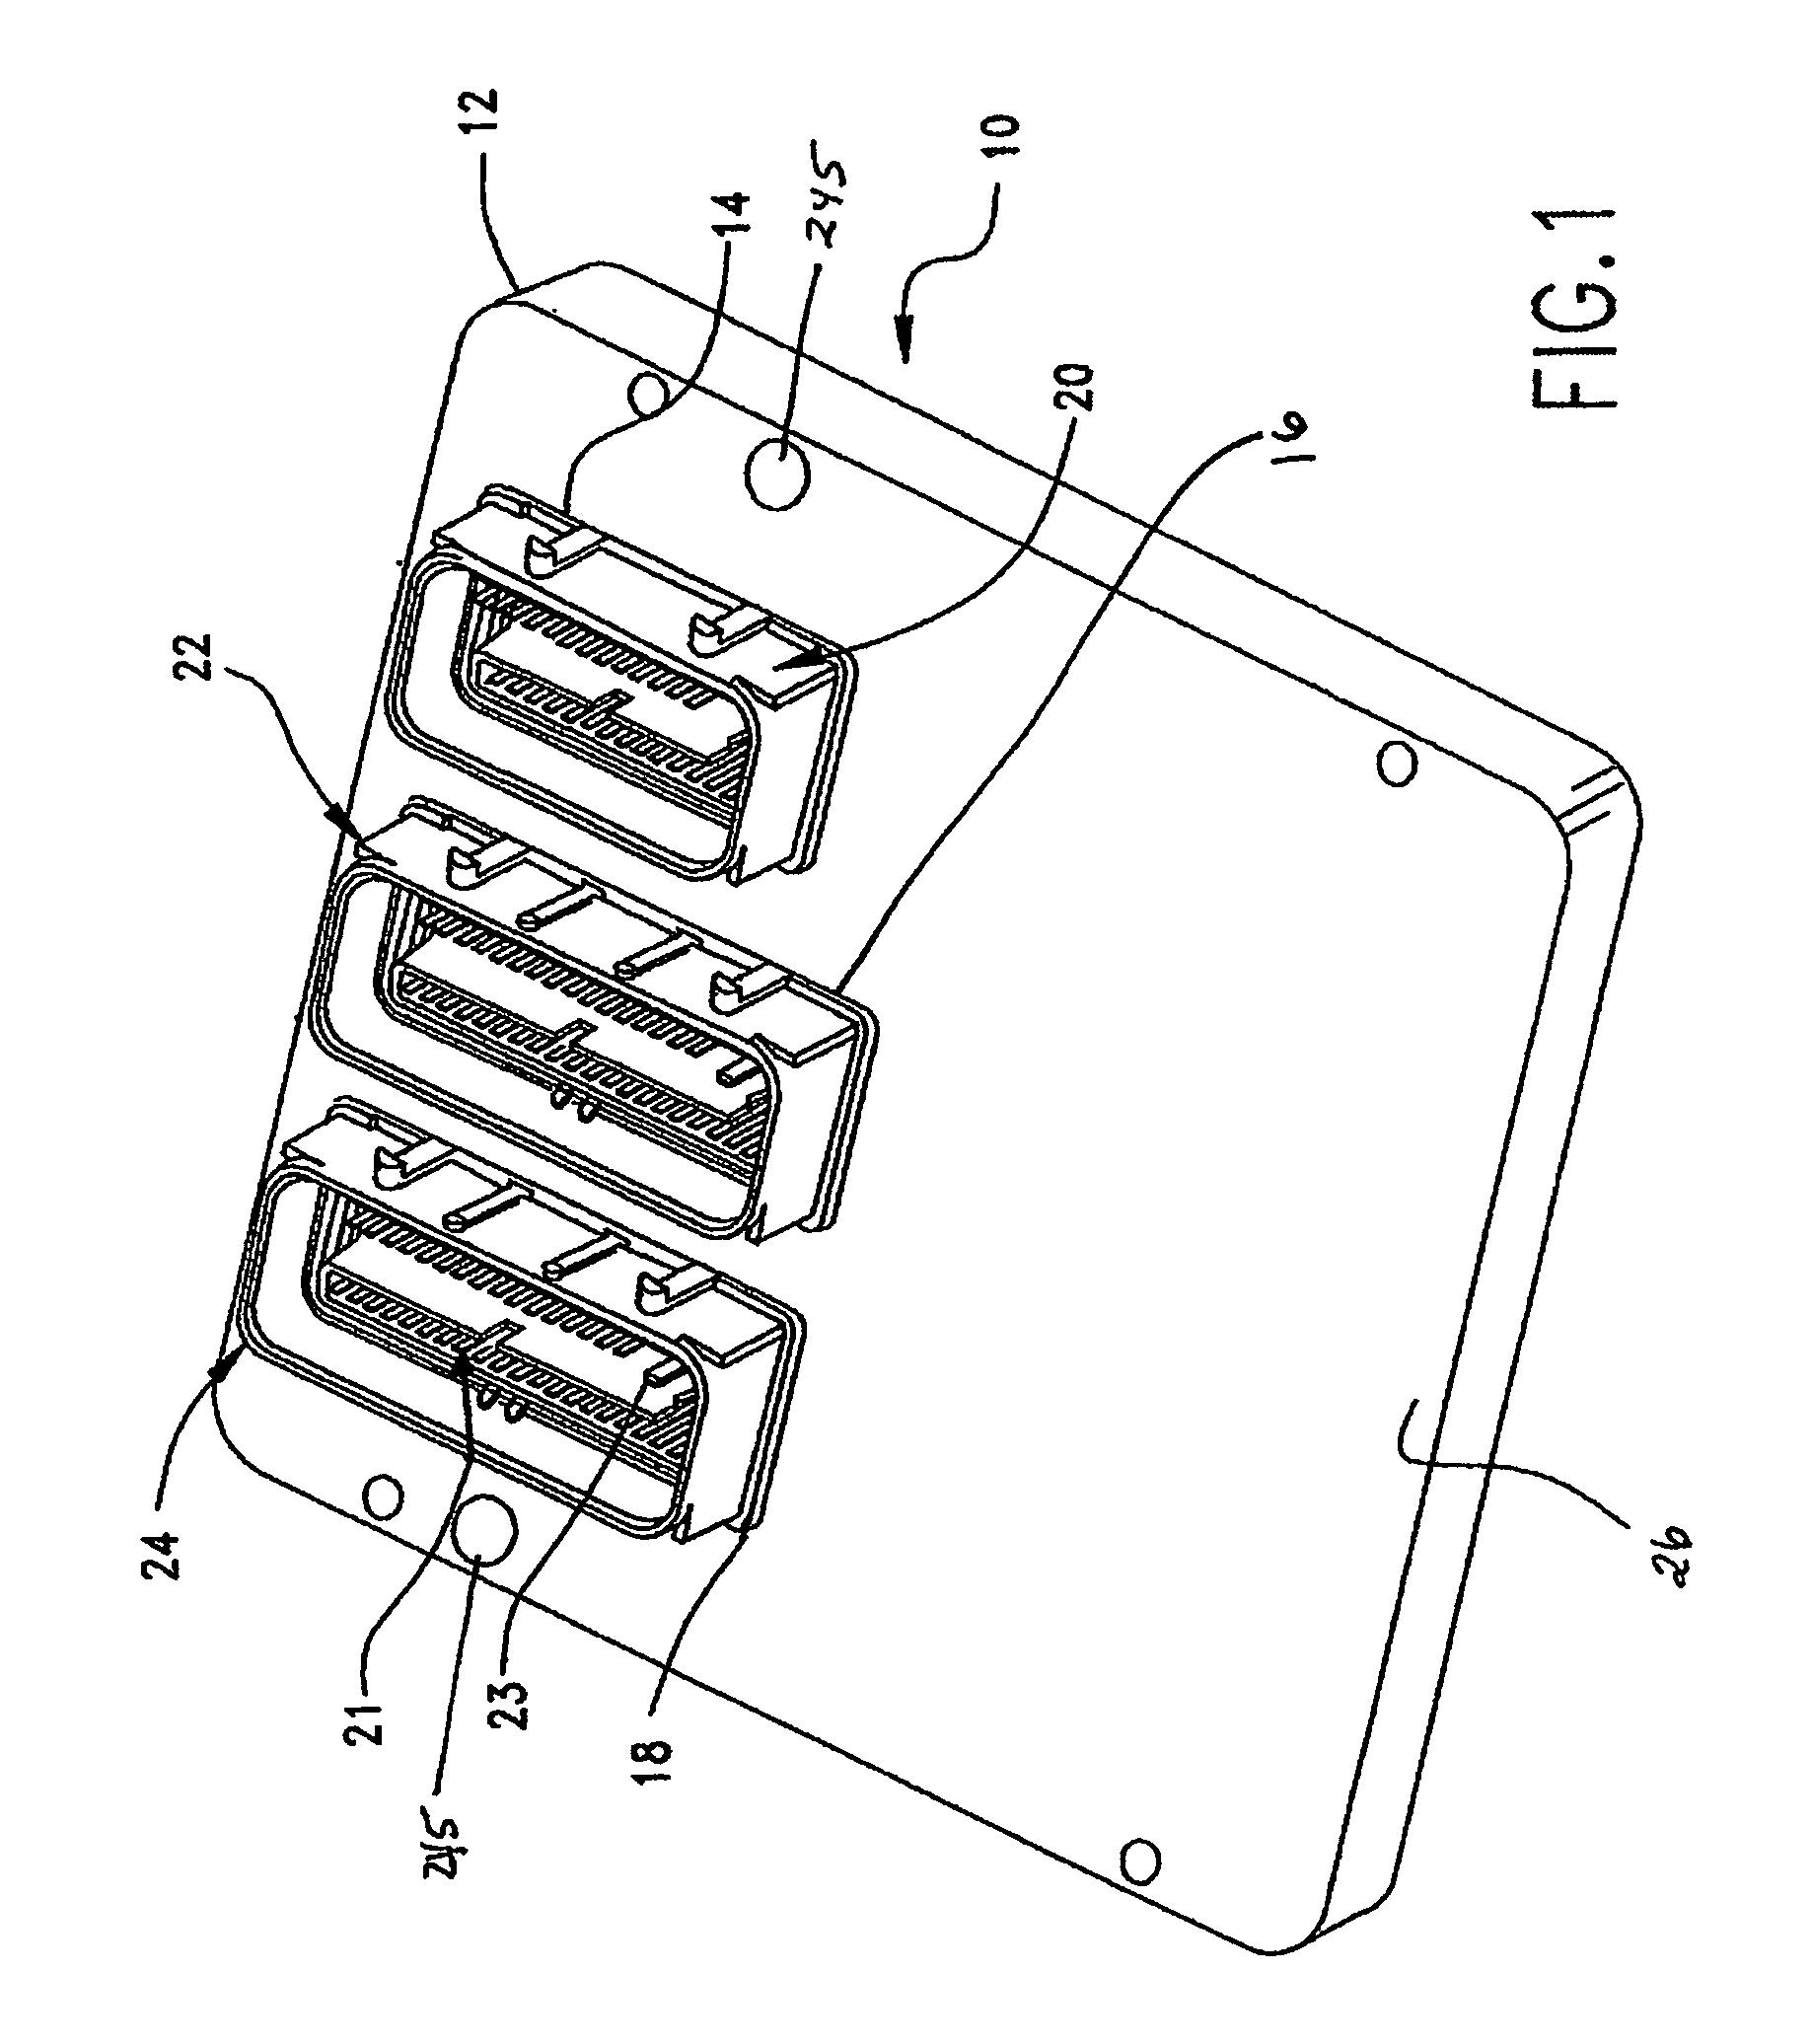 patent us8292639